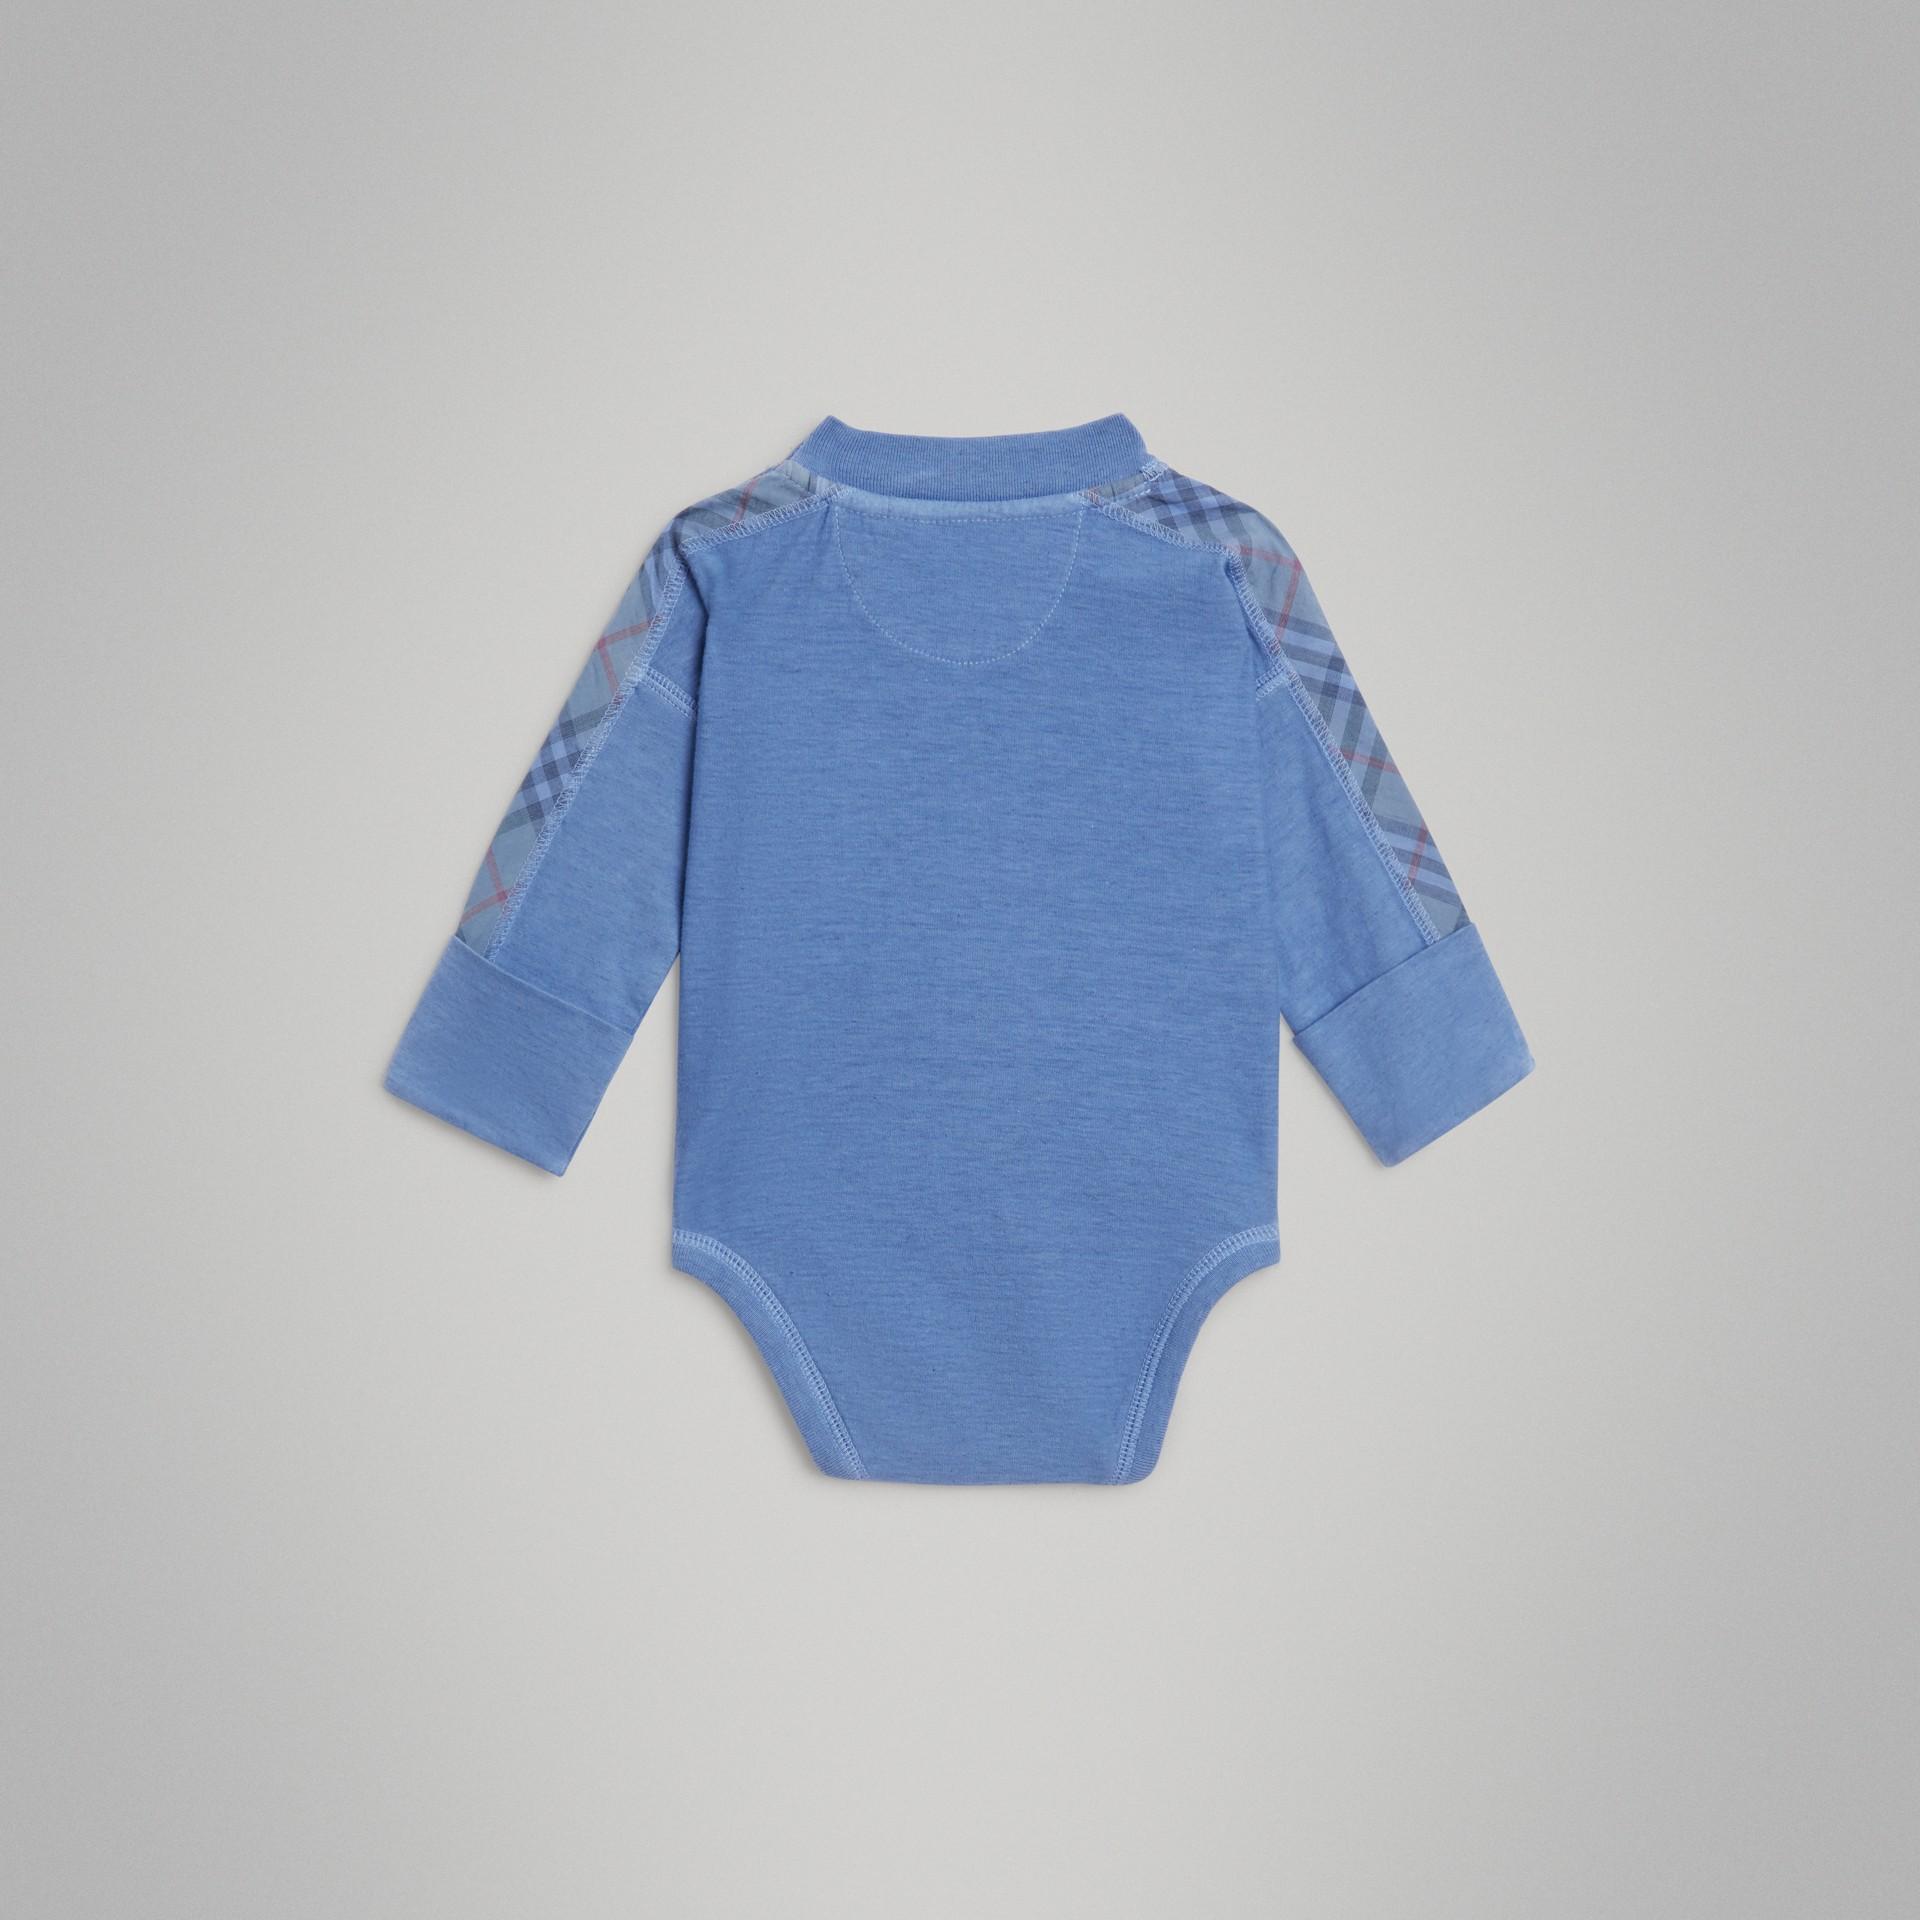 Gift set para bebê de três peças de algodão com detalhe xadrez (Multicolorido) - Crianças | Burberry - galeria de imagens 7